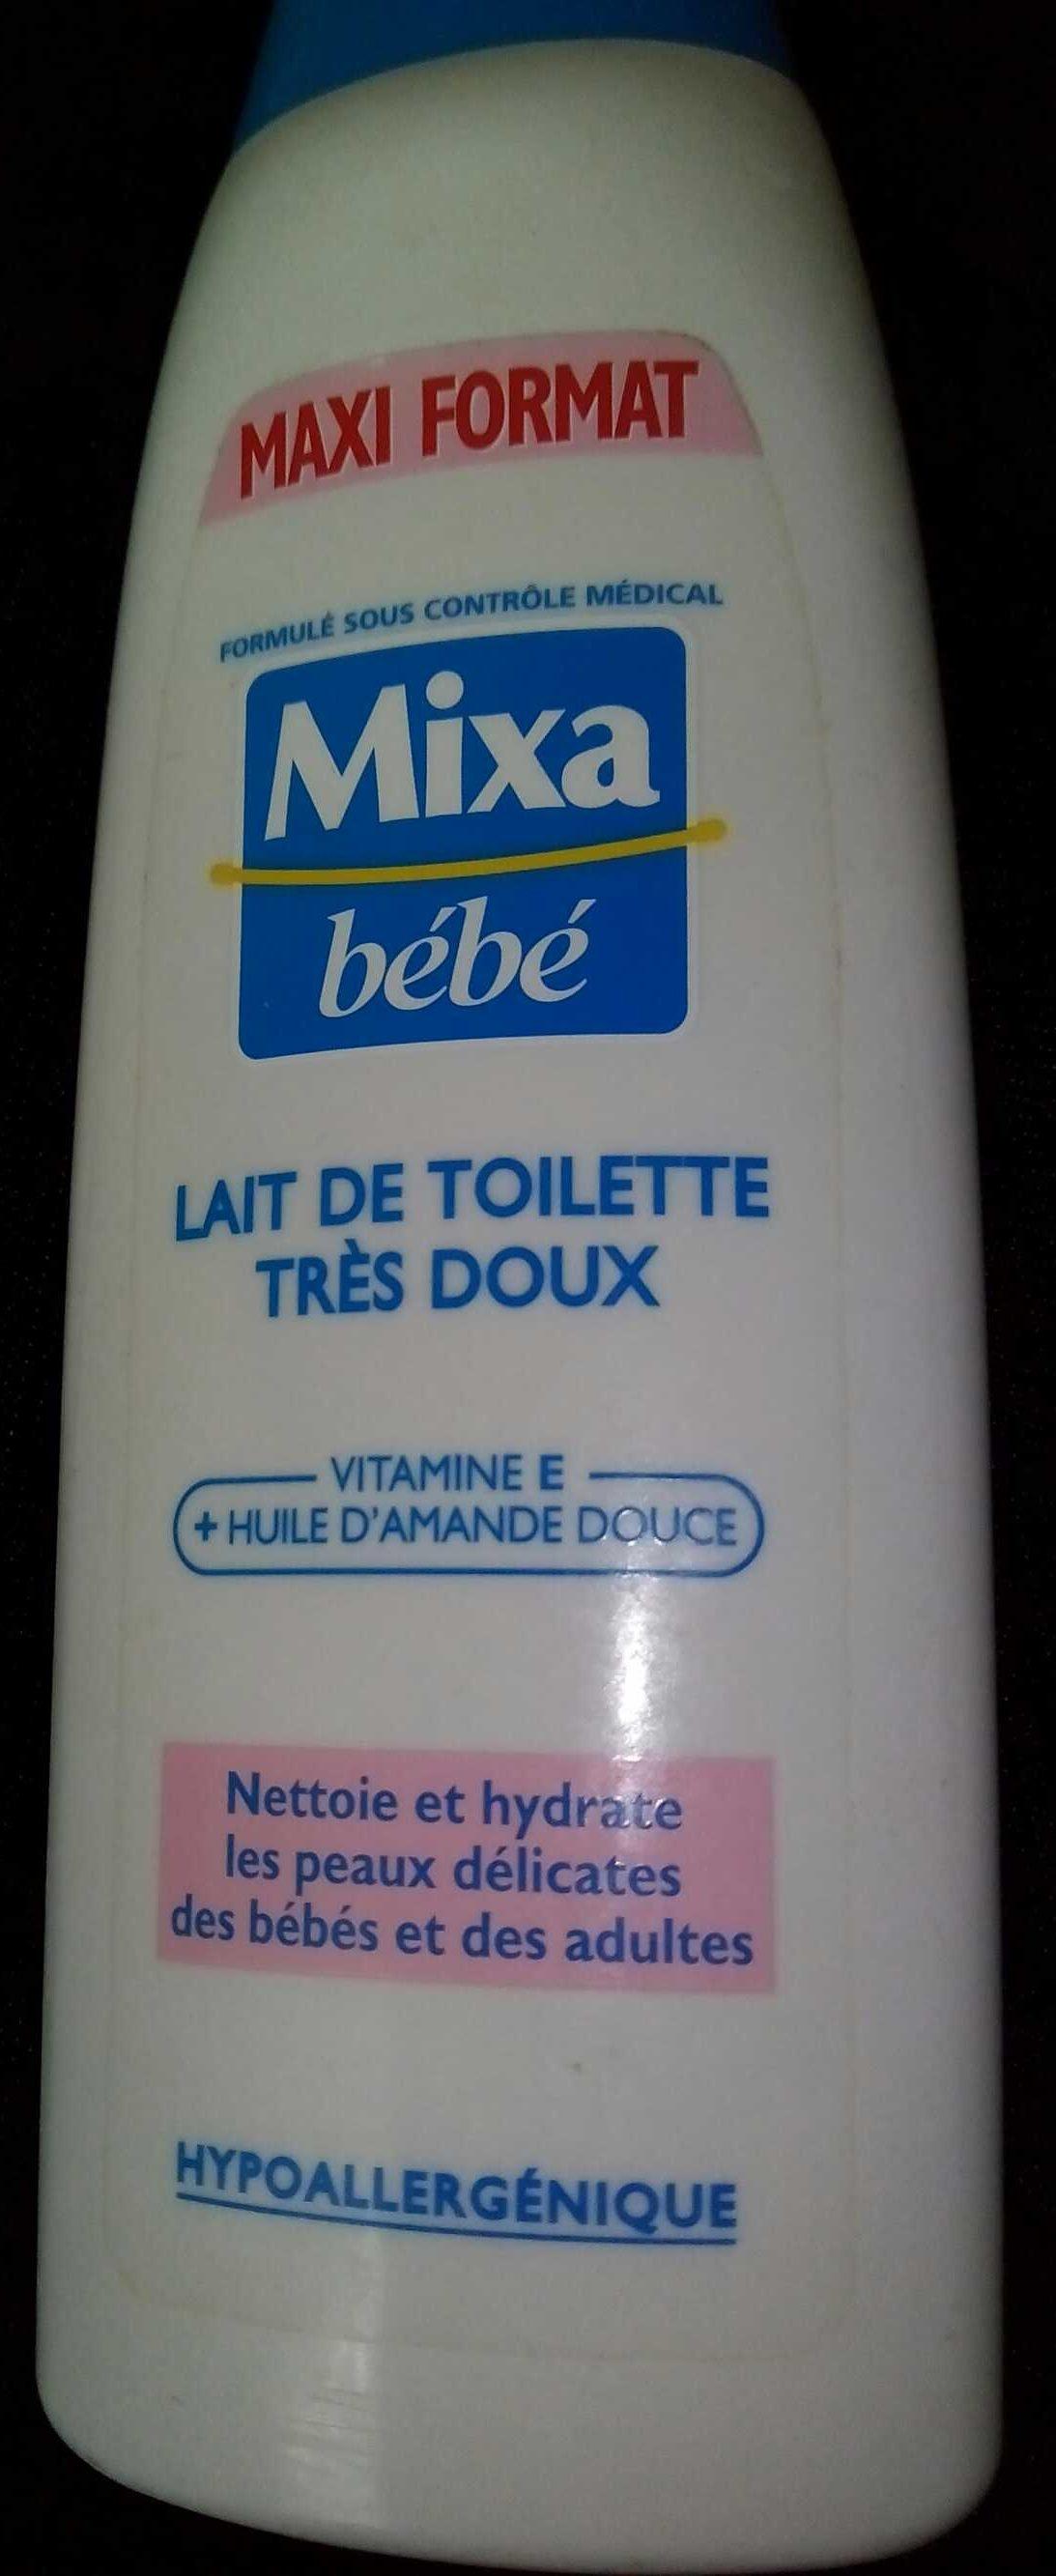 Mixa bébé, Lait de toilette très doux, Maxi format - Product